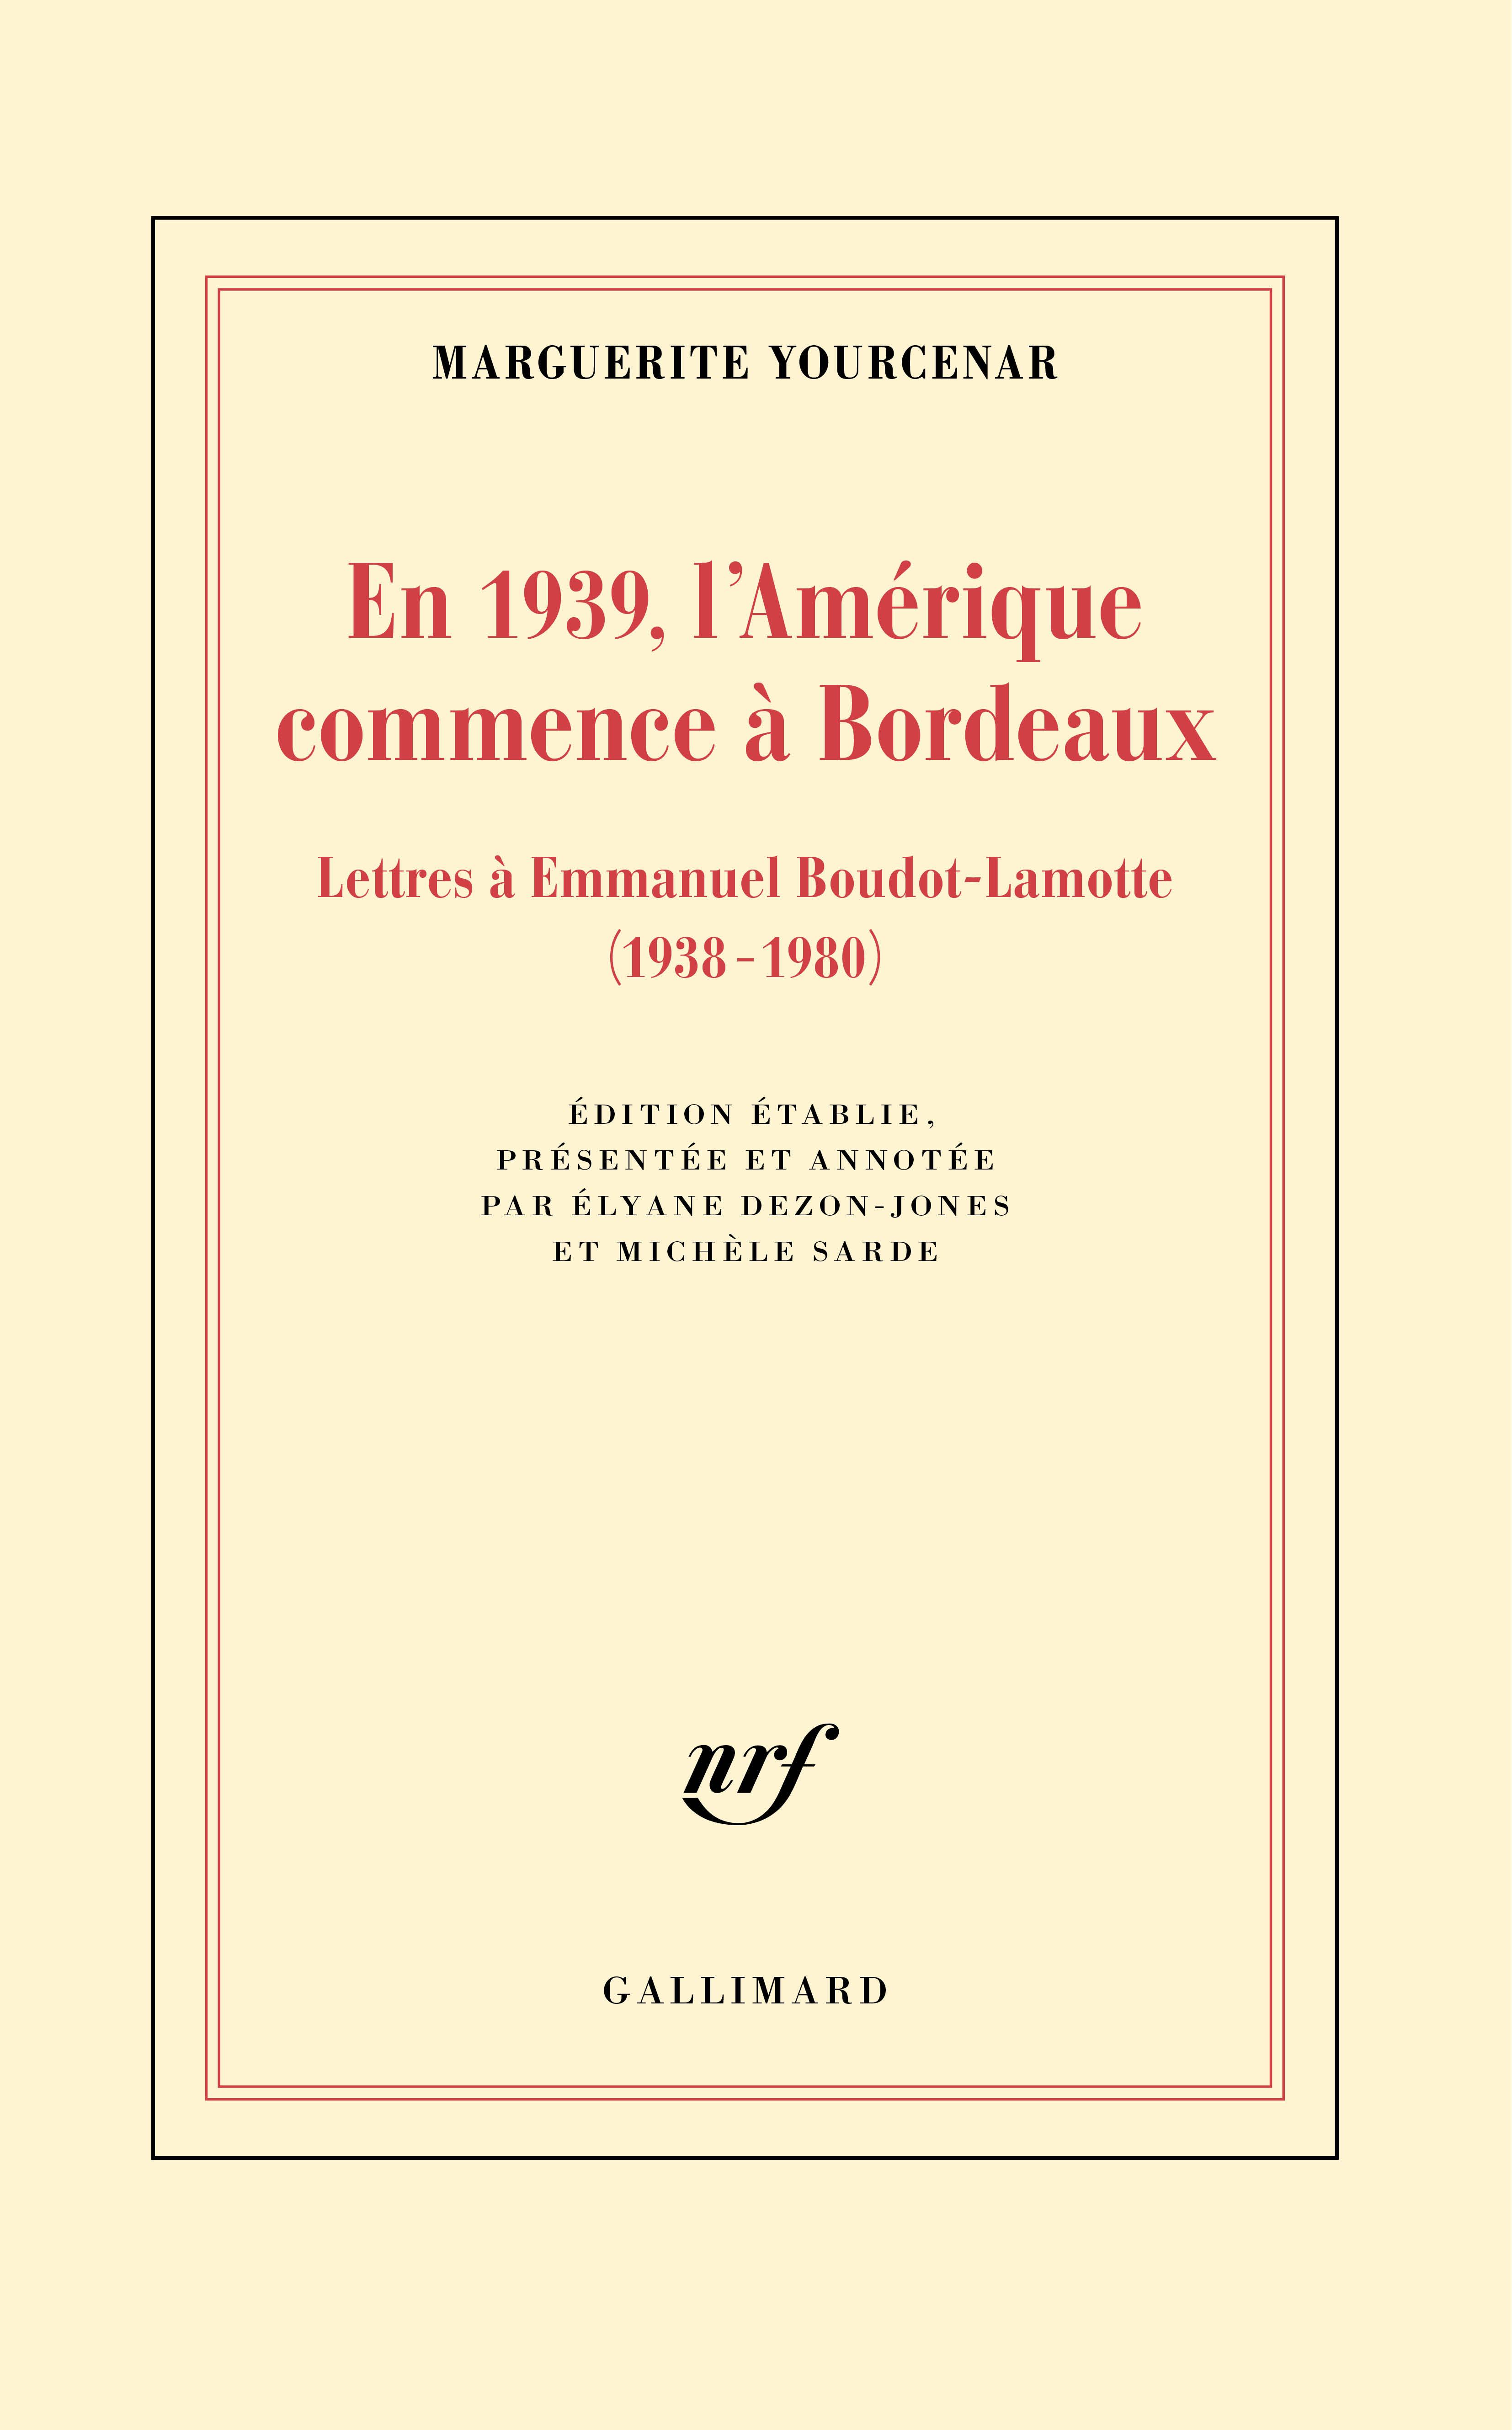 En 1939, l'Amérique commence à Bordeaux. Lettres à Emmanuel Boudot-Lamotte (1938-1980)